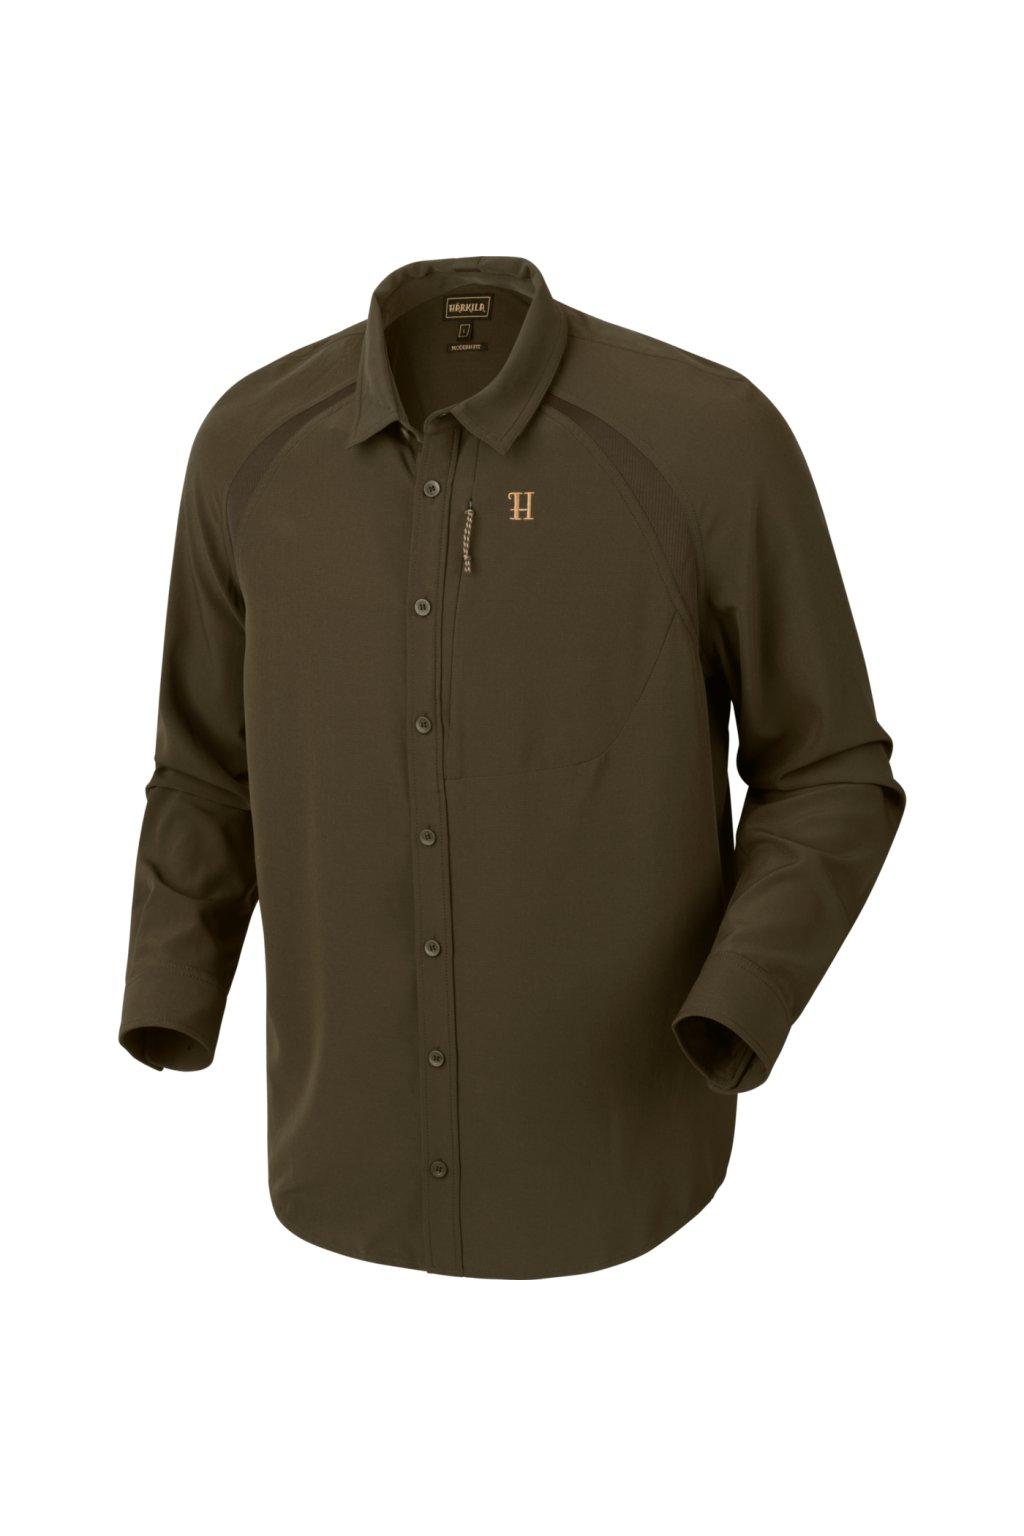 HÄRKILA  - Herlet Tech košile s dlouhým rukávem